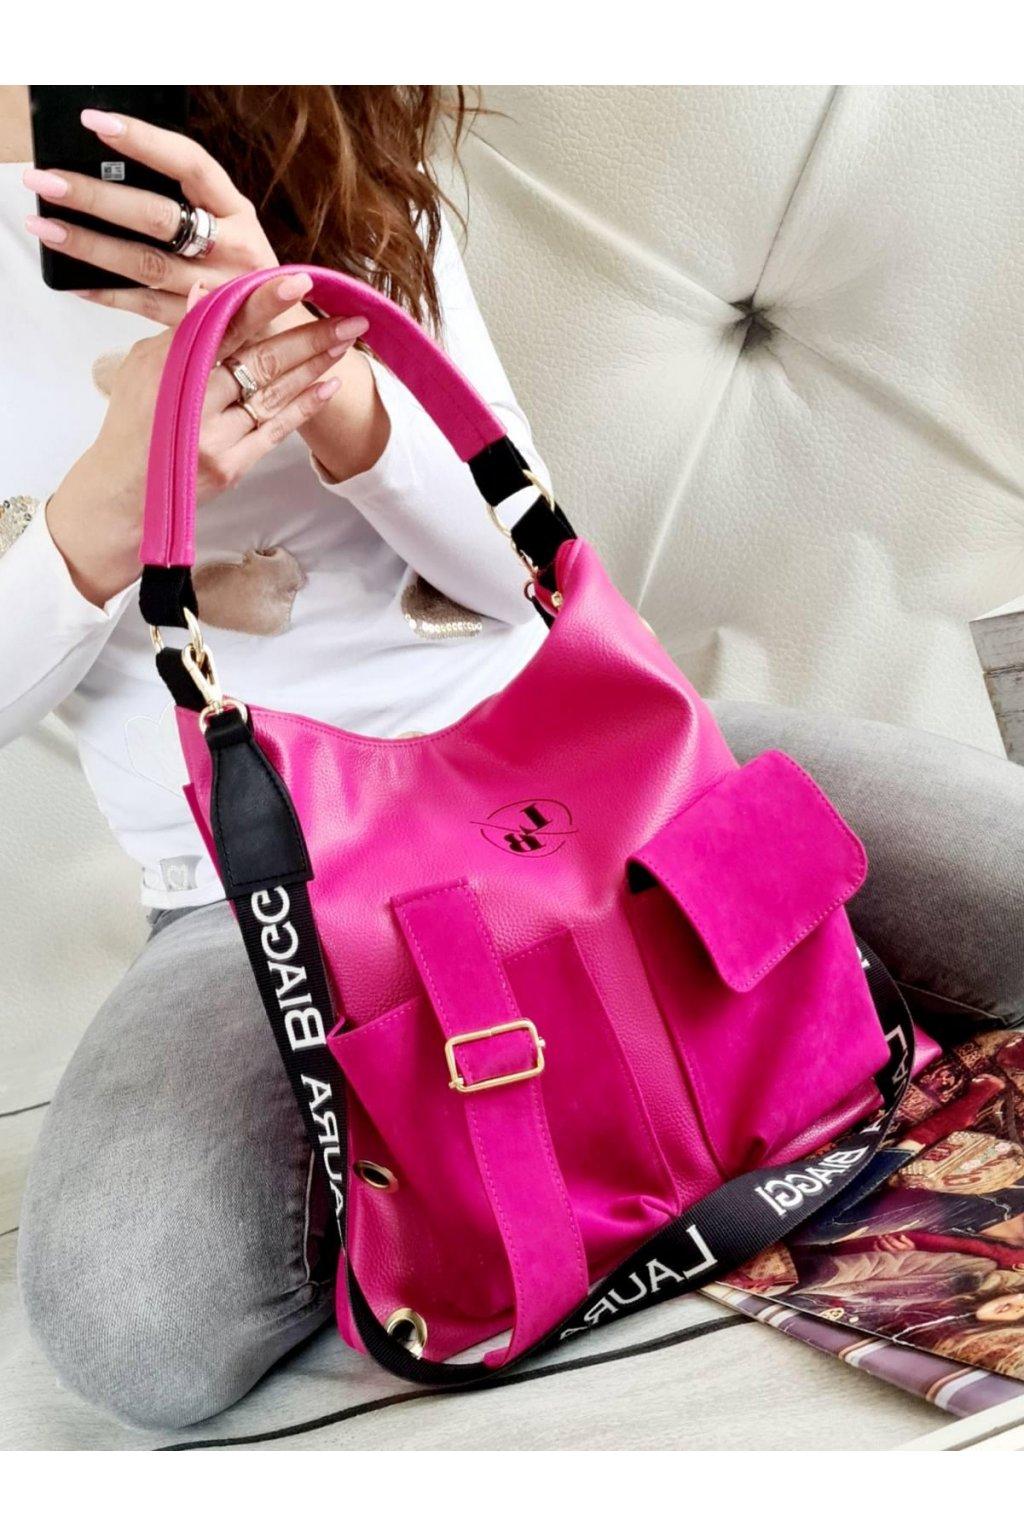 Laura Biaggi růžová trendy kabelka italy style luxusní kabelky eko kůže